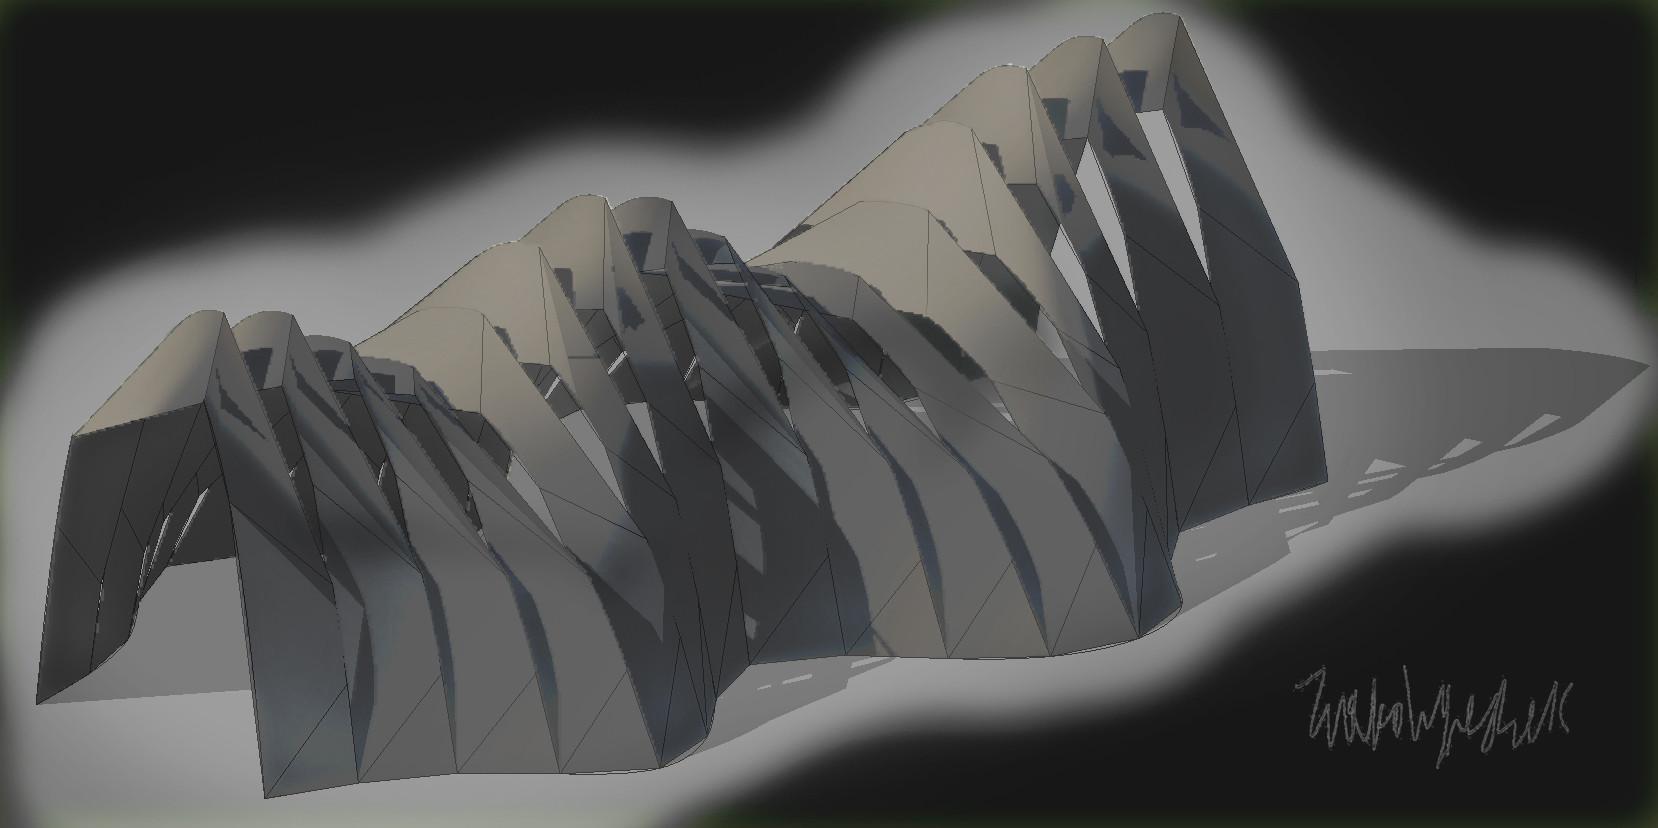 Zvonko vugreshek zaednohexagonact2